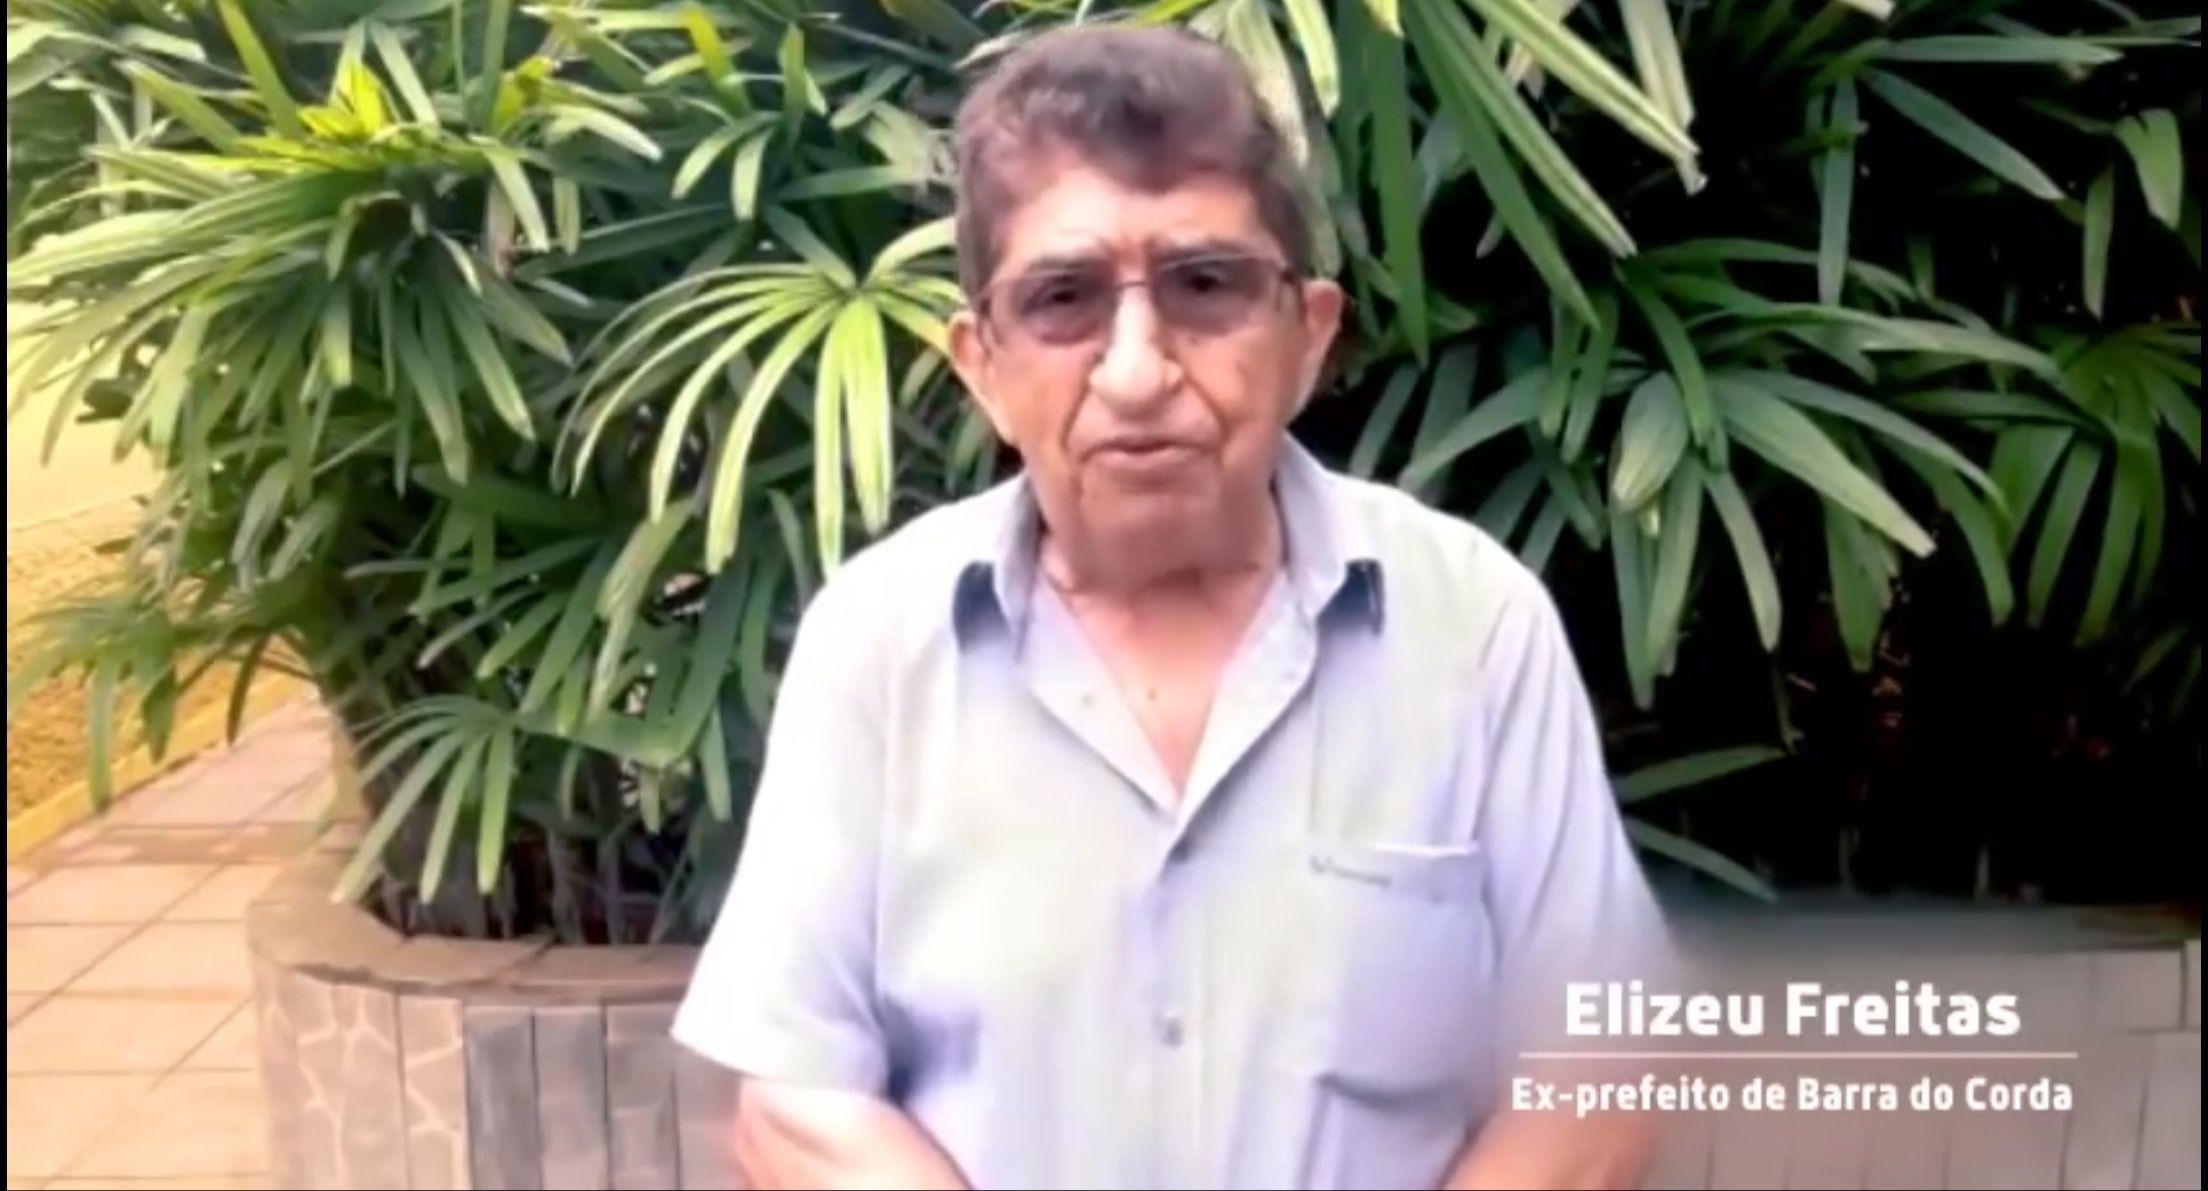 Elizeu Freitas: O político que criou o chamado Espírito de Vingança nas eleições em Barra do Corda